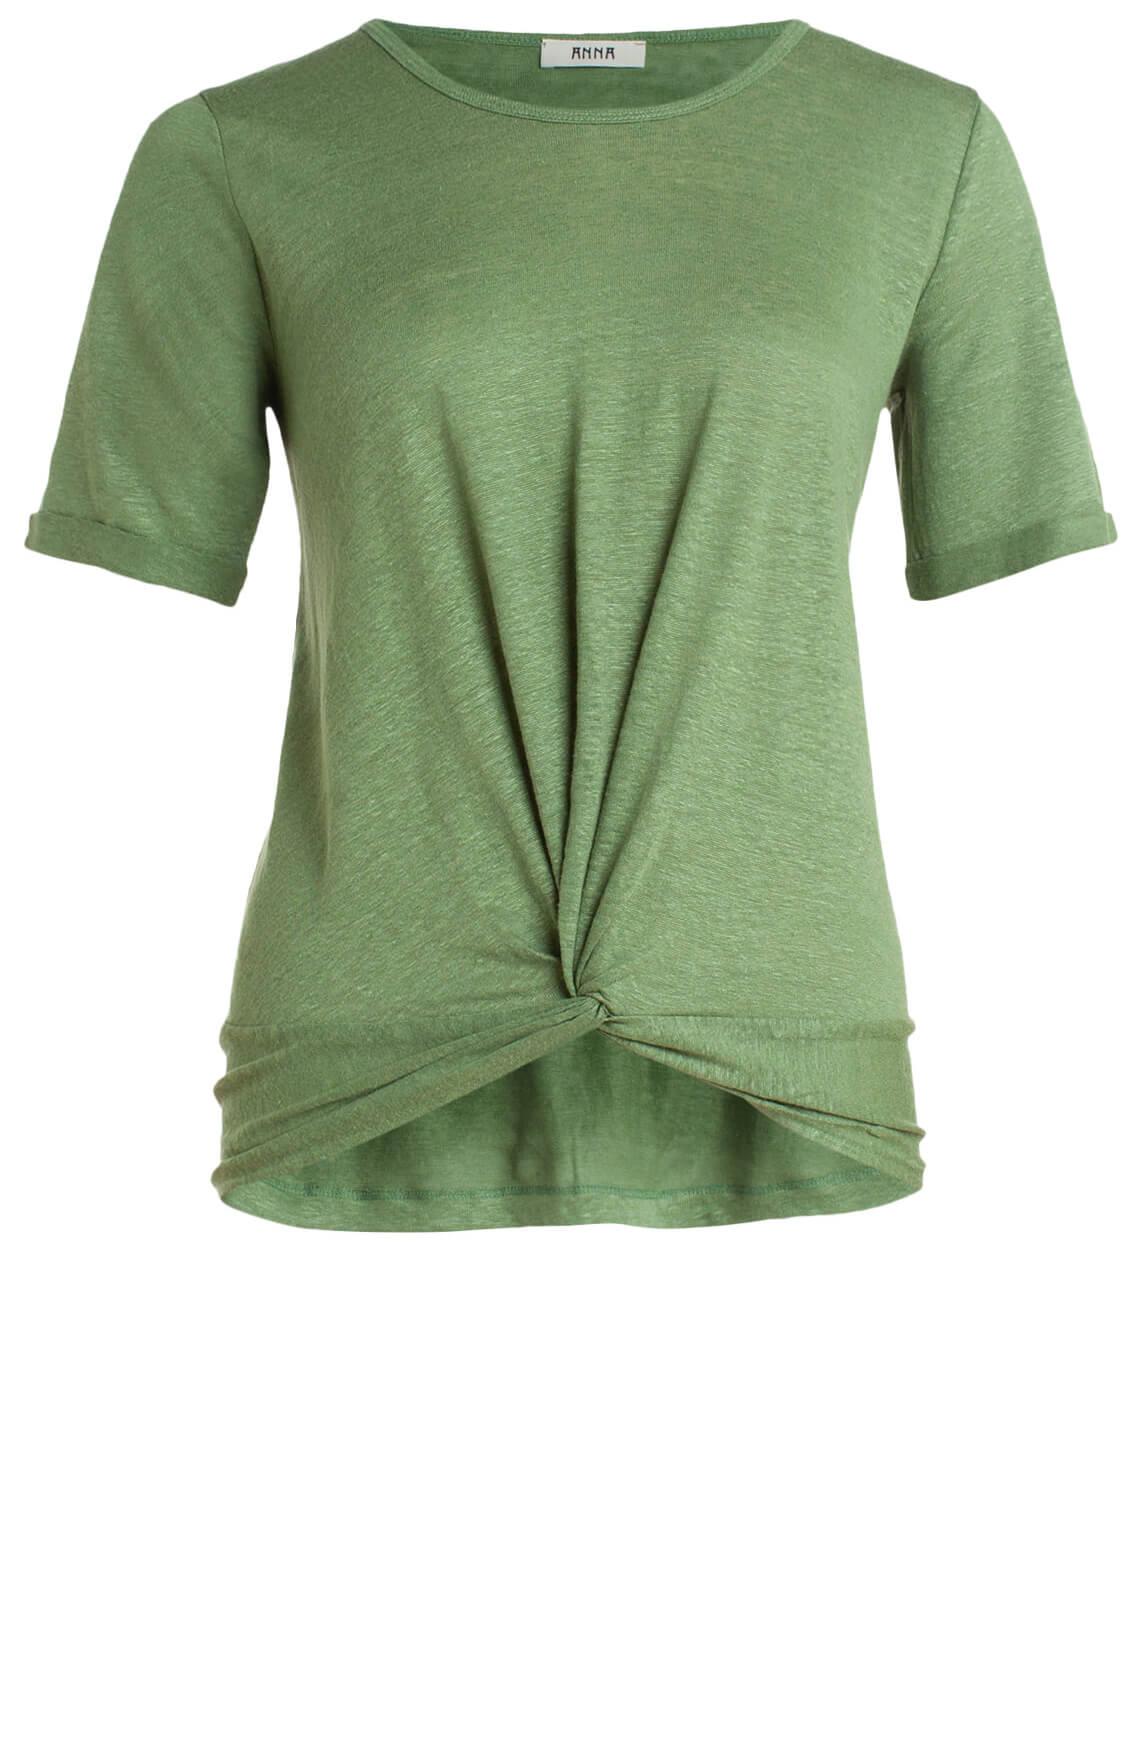 Anna Dames Shirt met knoopdetail groen